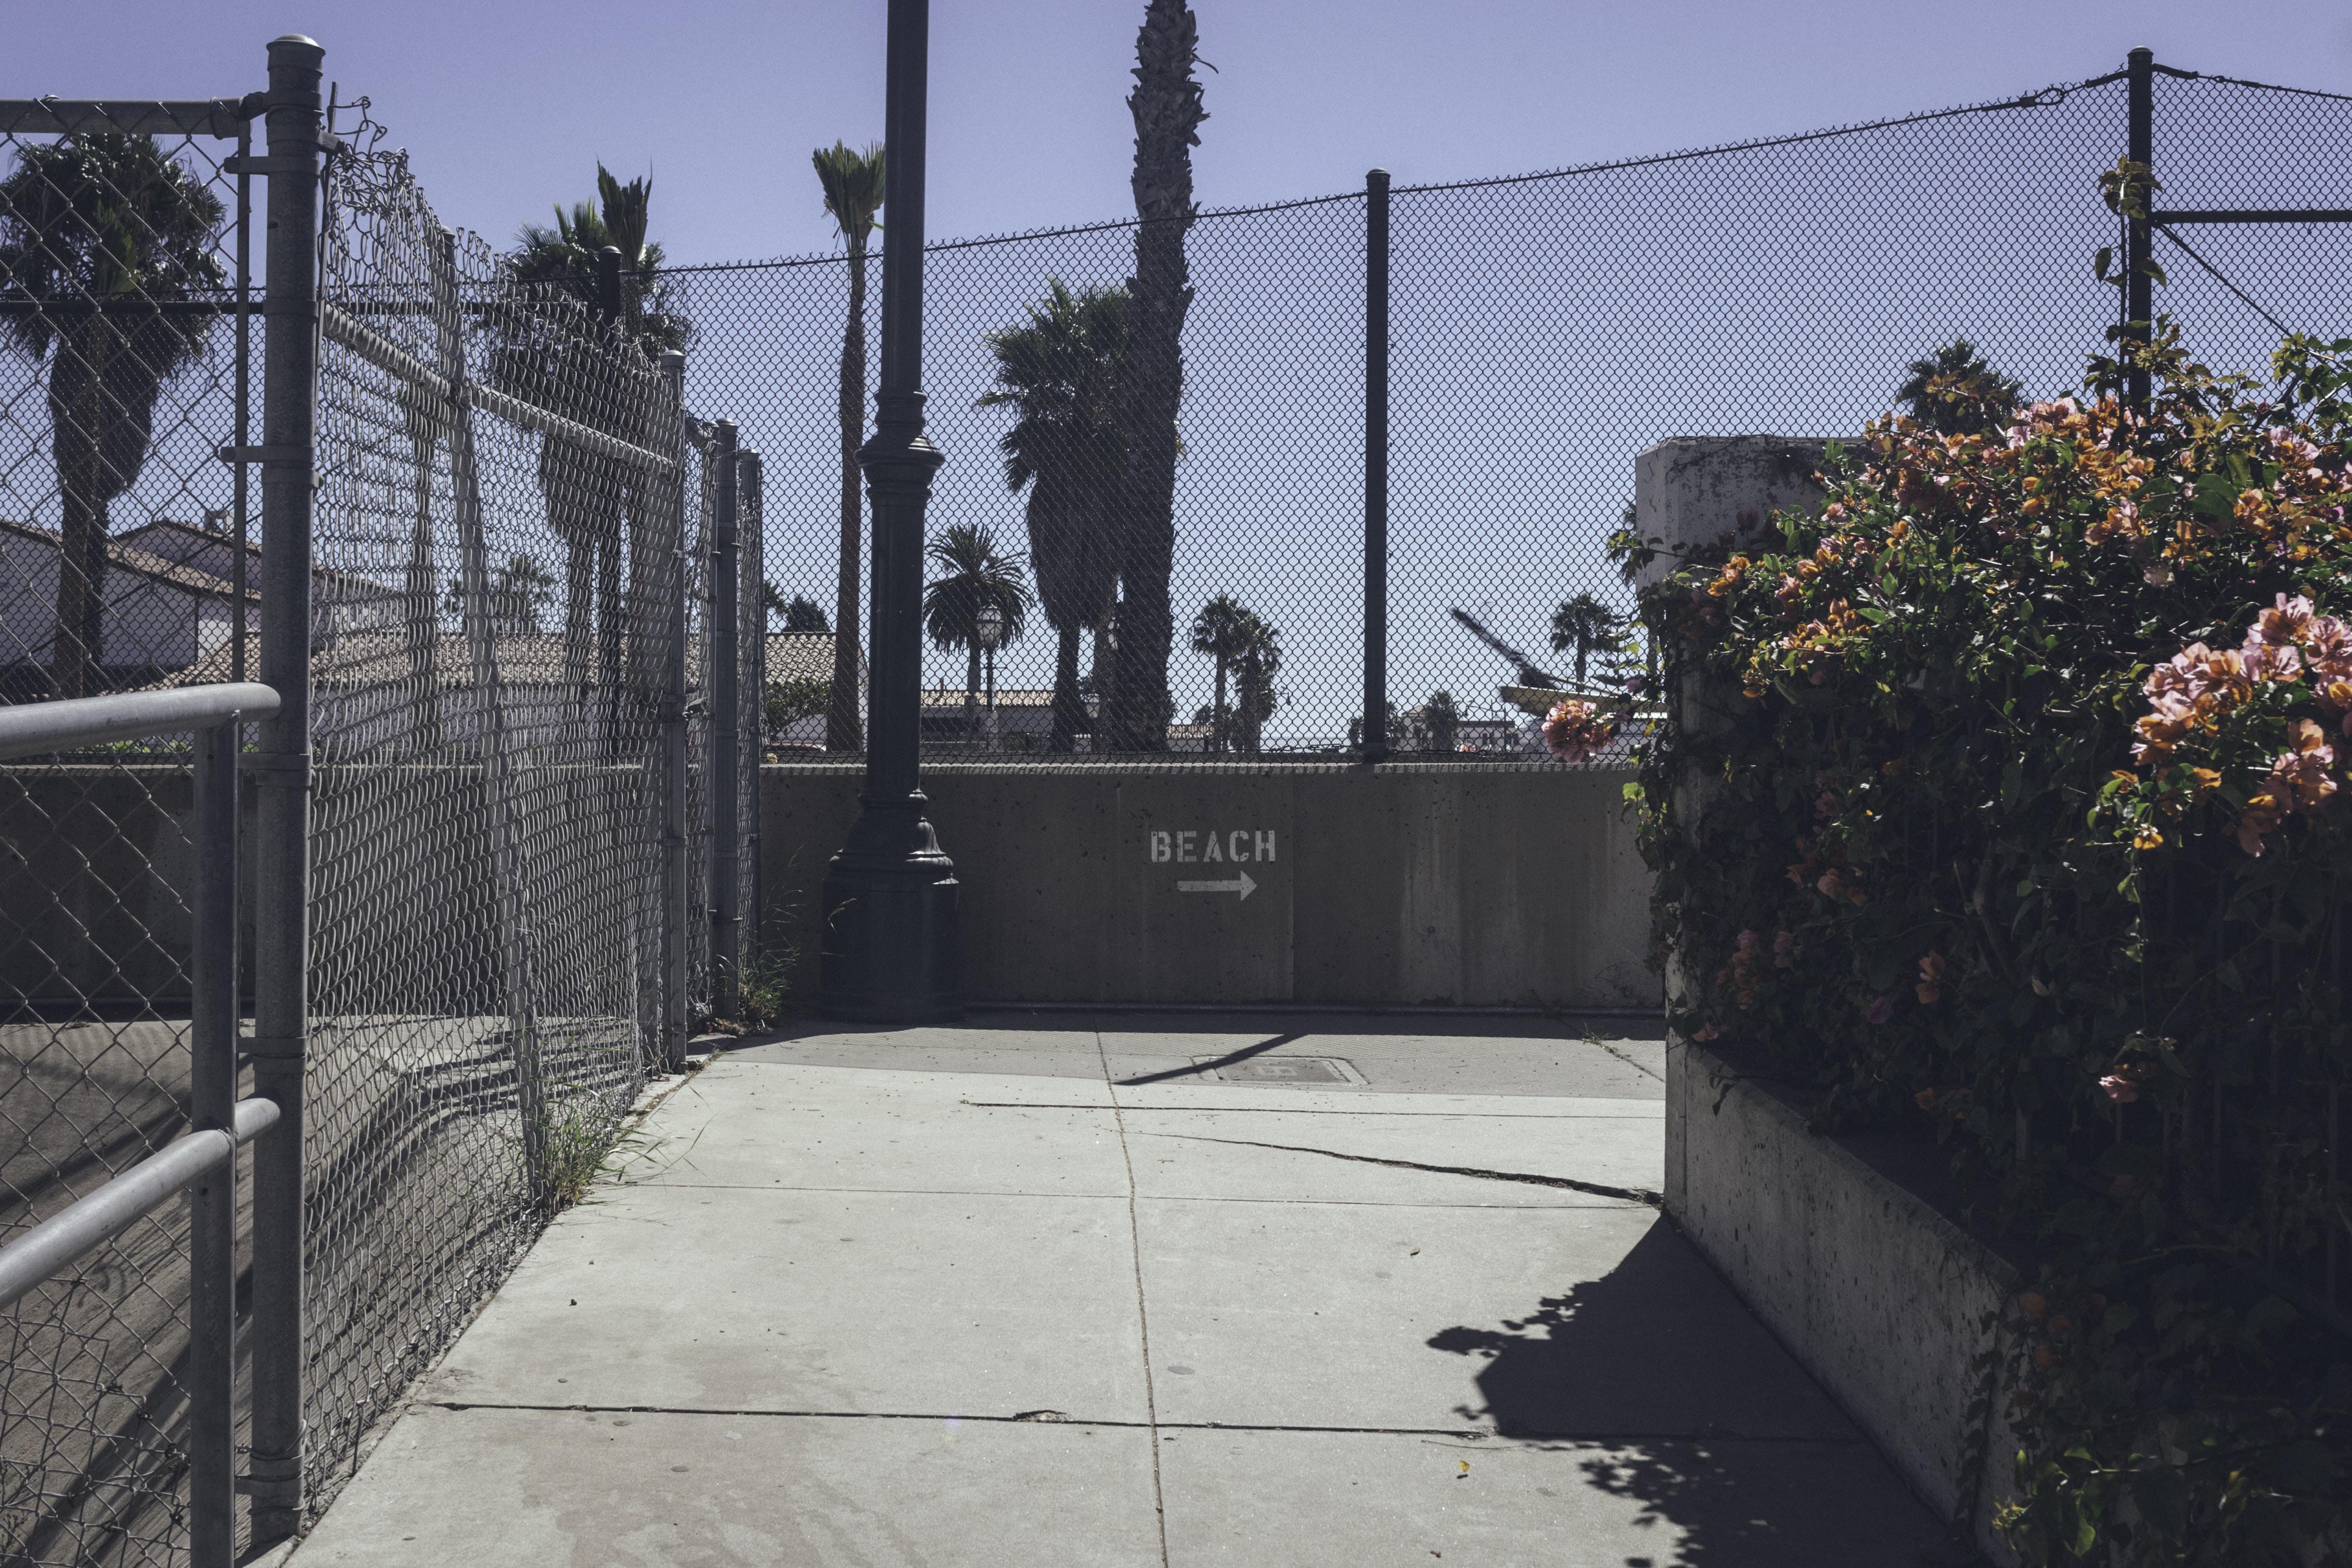 Urban sidewalk by the fences at Santa Barbara